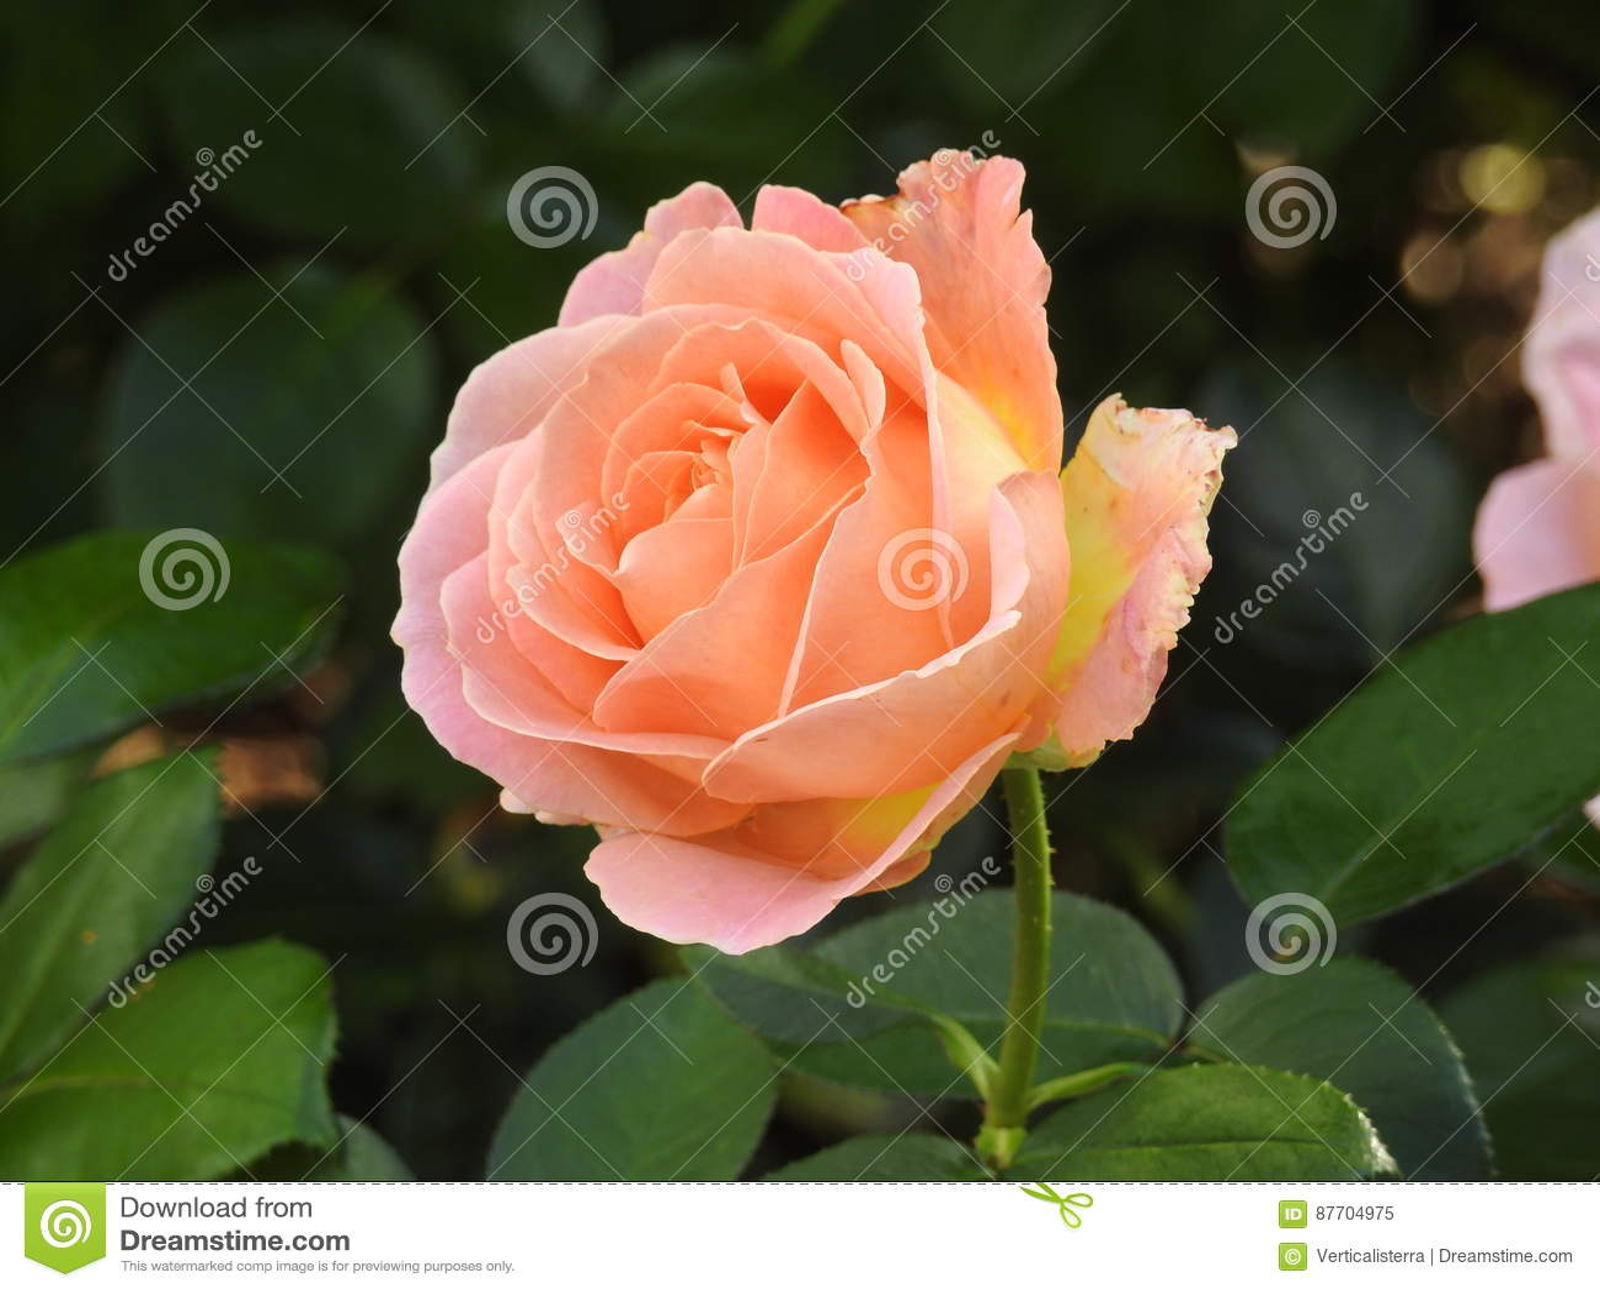 Les roses en dépit de leurs épines sont des fleurs sensibles qui embaument l environnement